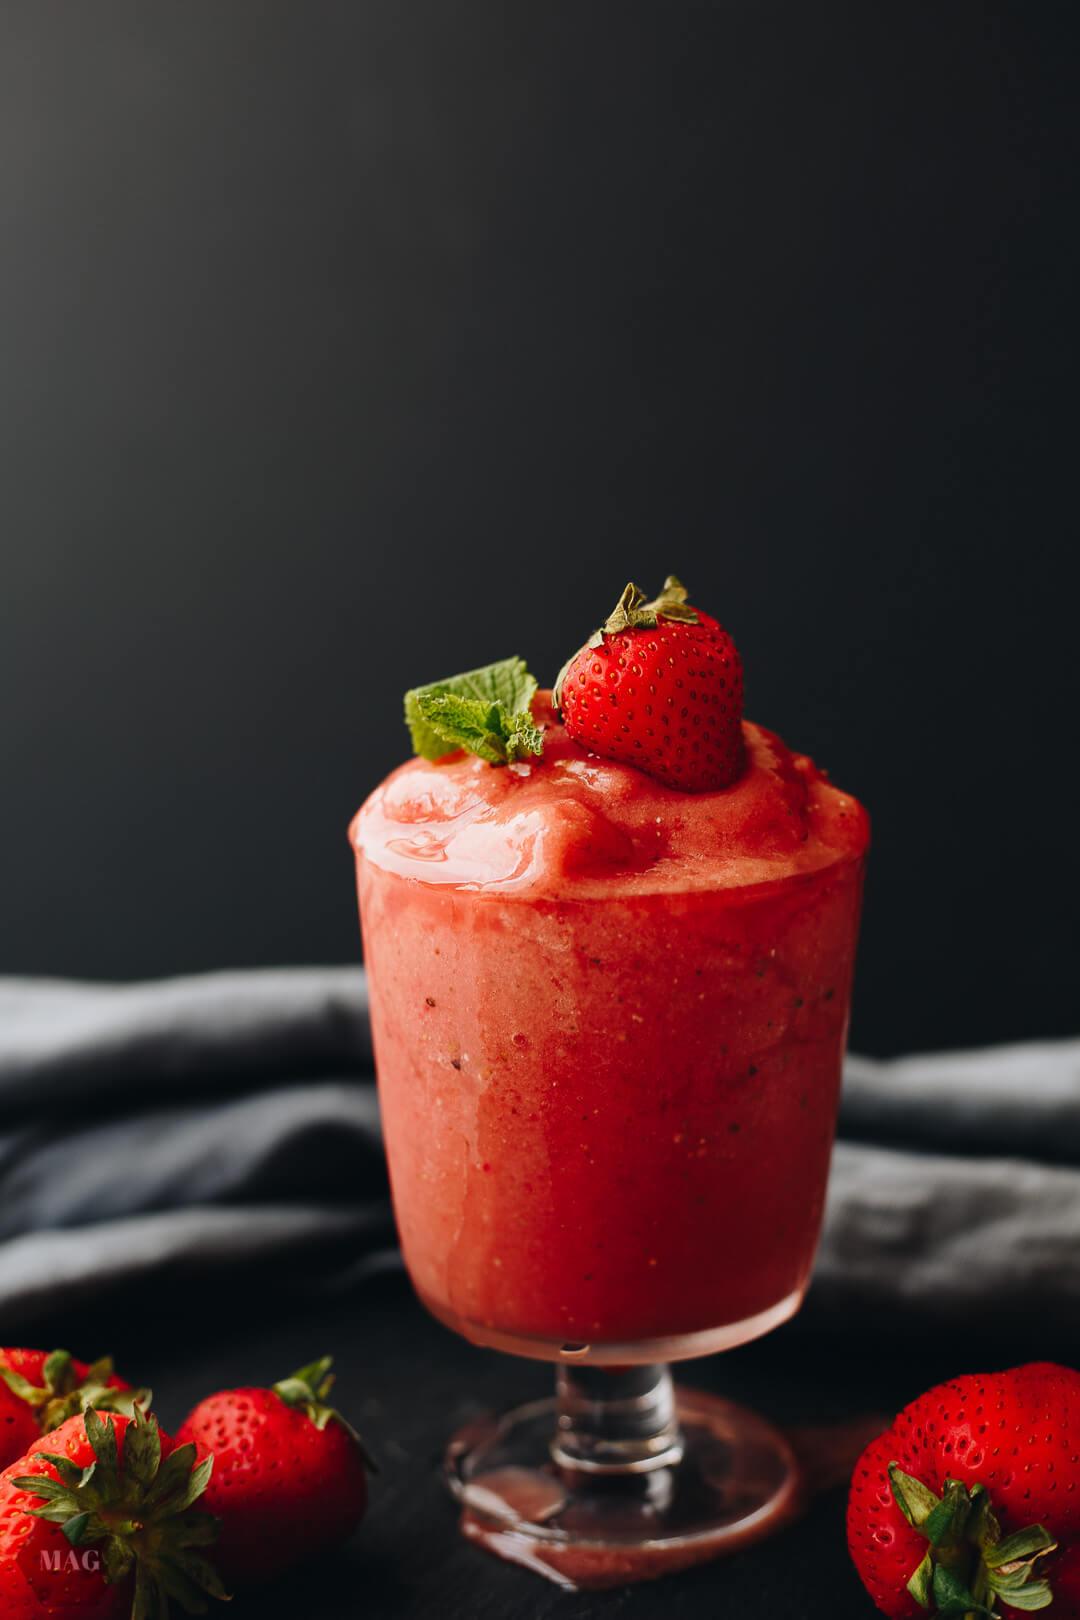 Wassermelonen-Smoothie, Wassermelonen-Erdbeer-Smoothie, Wassermelonen-Smoothie gesund, Wassermelonen Smoothie vegan, Wassermelonen Smoothie ohne Zucker, Wassermelonen Smoothie einfach, Wassermelonen Erdbeer Shake vegan, Wassermelonen Erdbeer Minze Getränk, Wassermelonen Smoothie selber machen